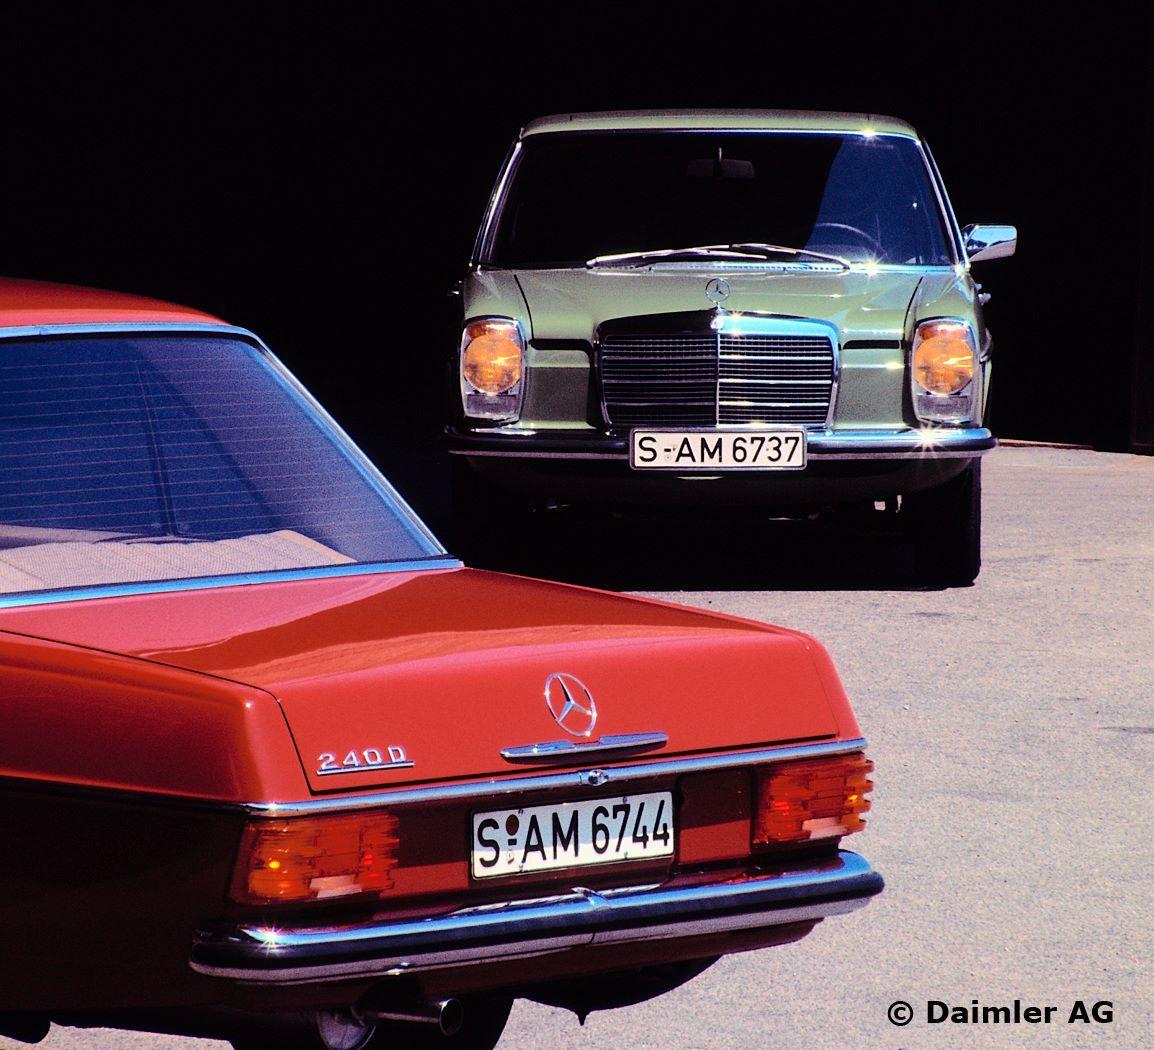 Mercedes Benz W 115 / E Class | I Love Mercedes! | Pinterest ...